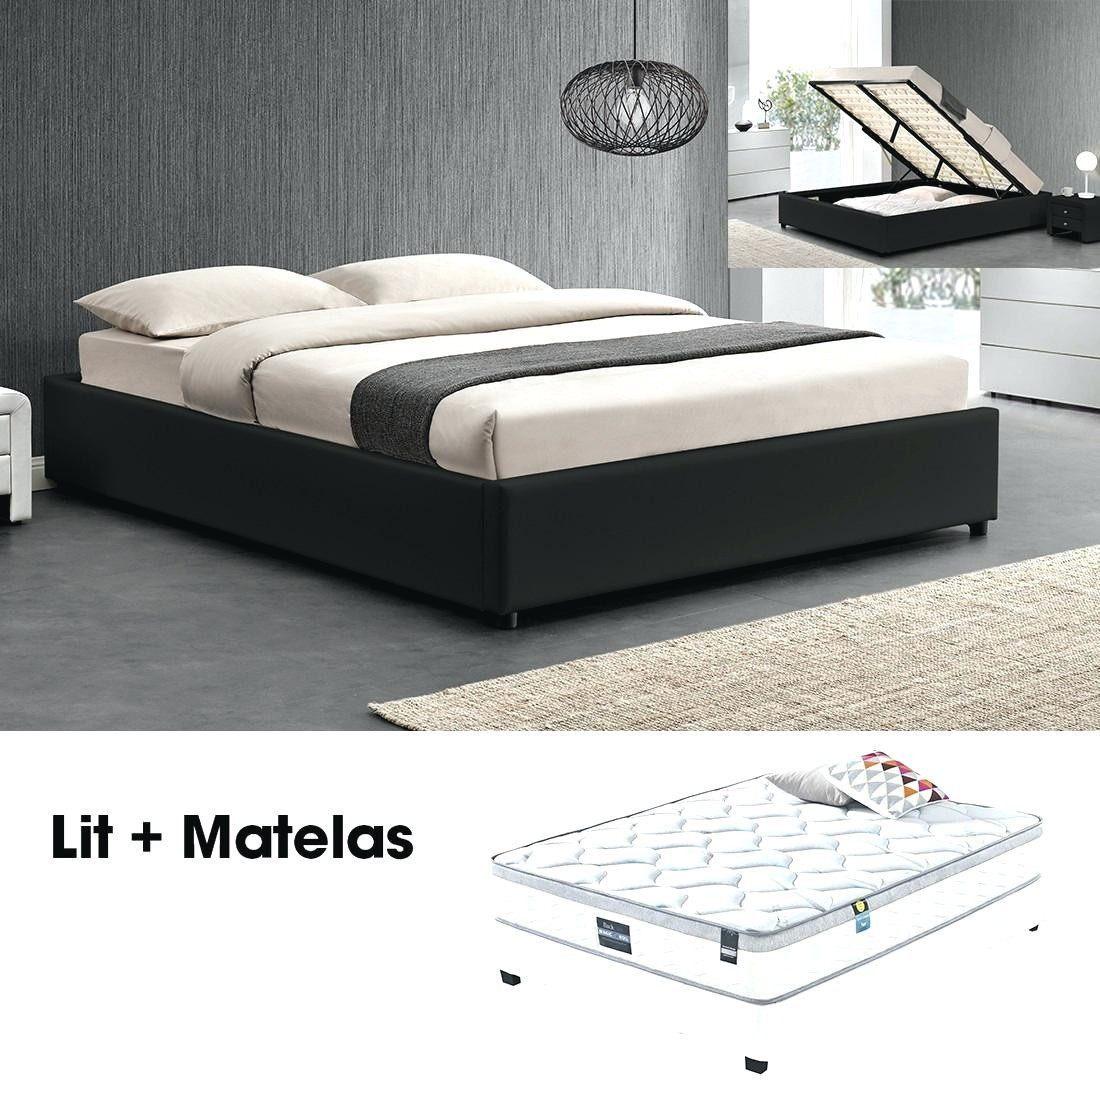 Lit Coffre Conforama 160×200 De Luxe Lit 160—200 soldes Matelas soldes Conforama Lit Conforama 140—200